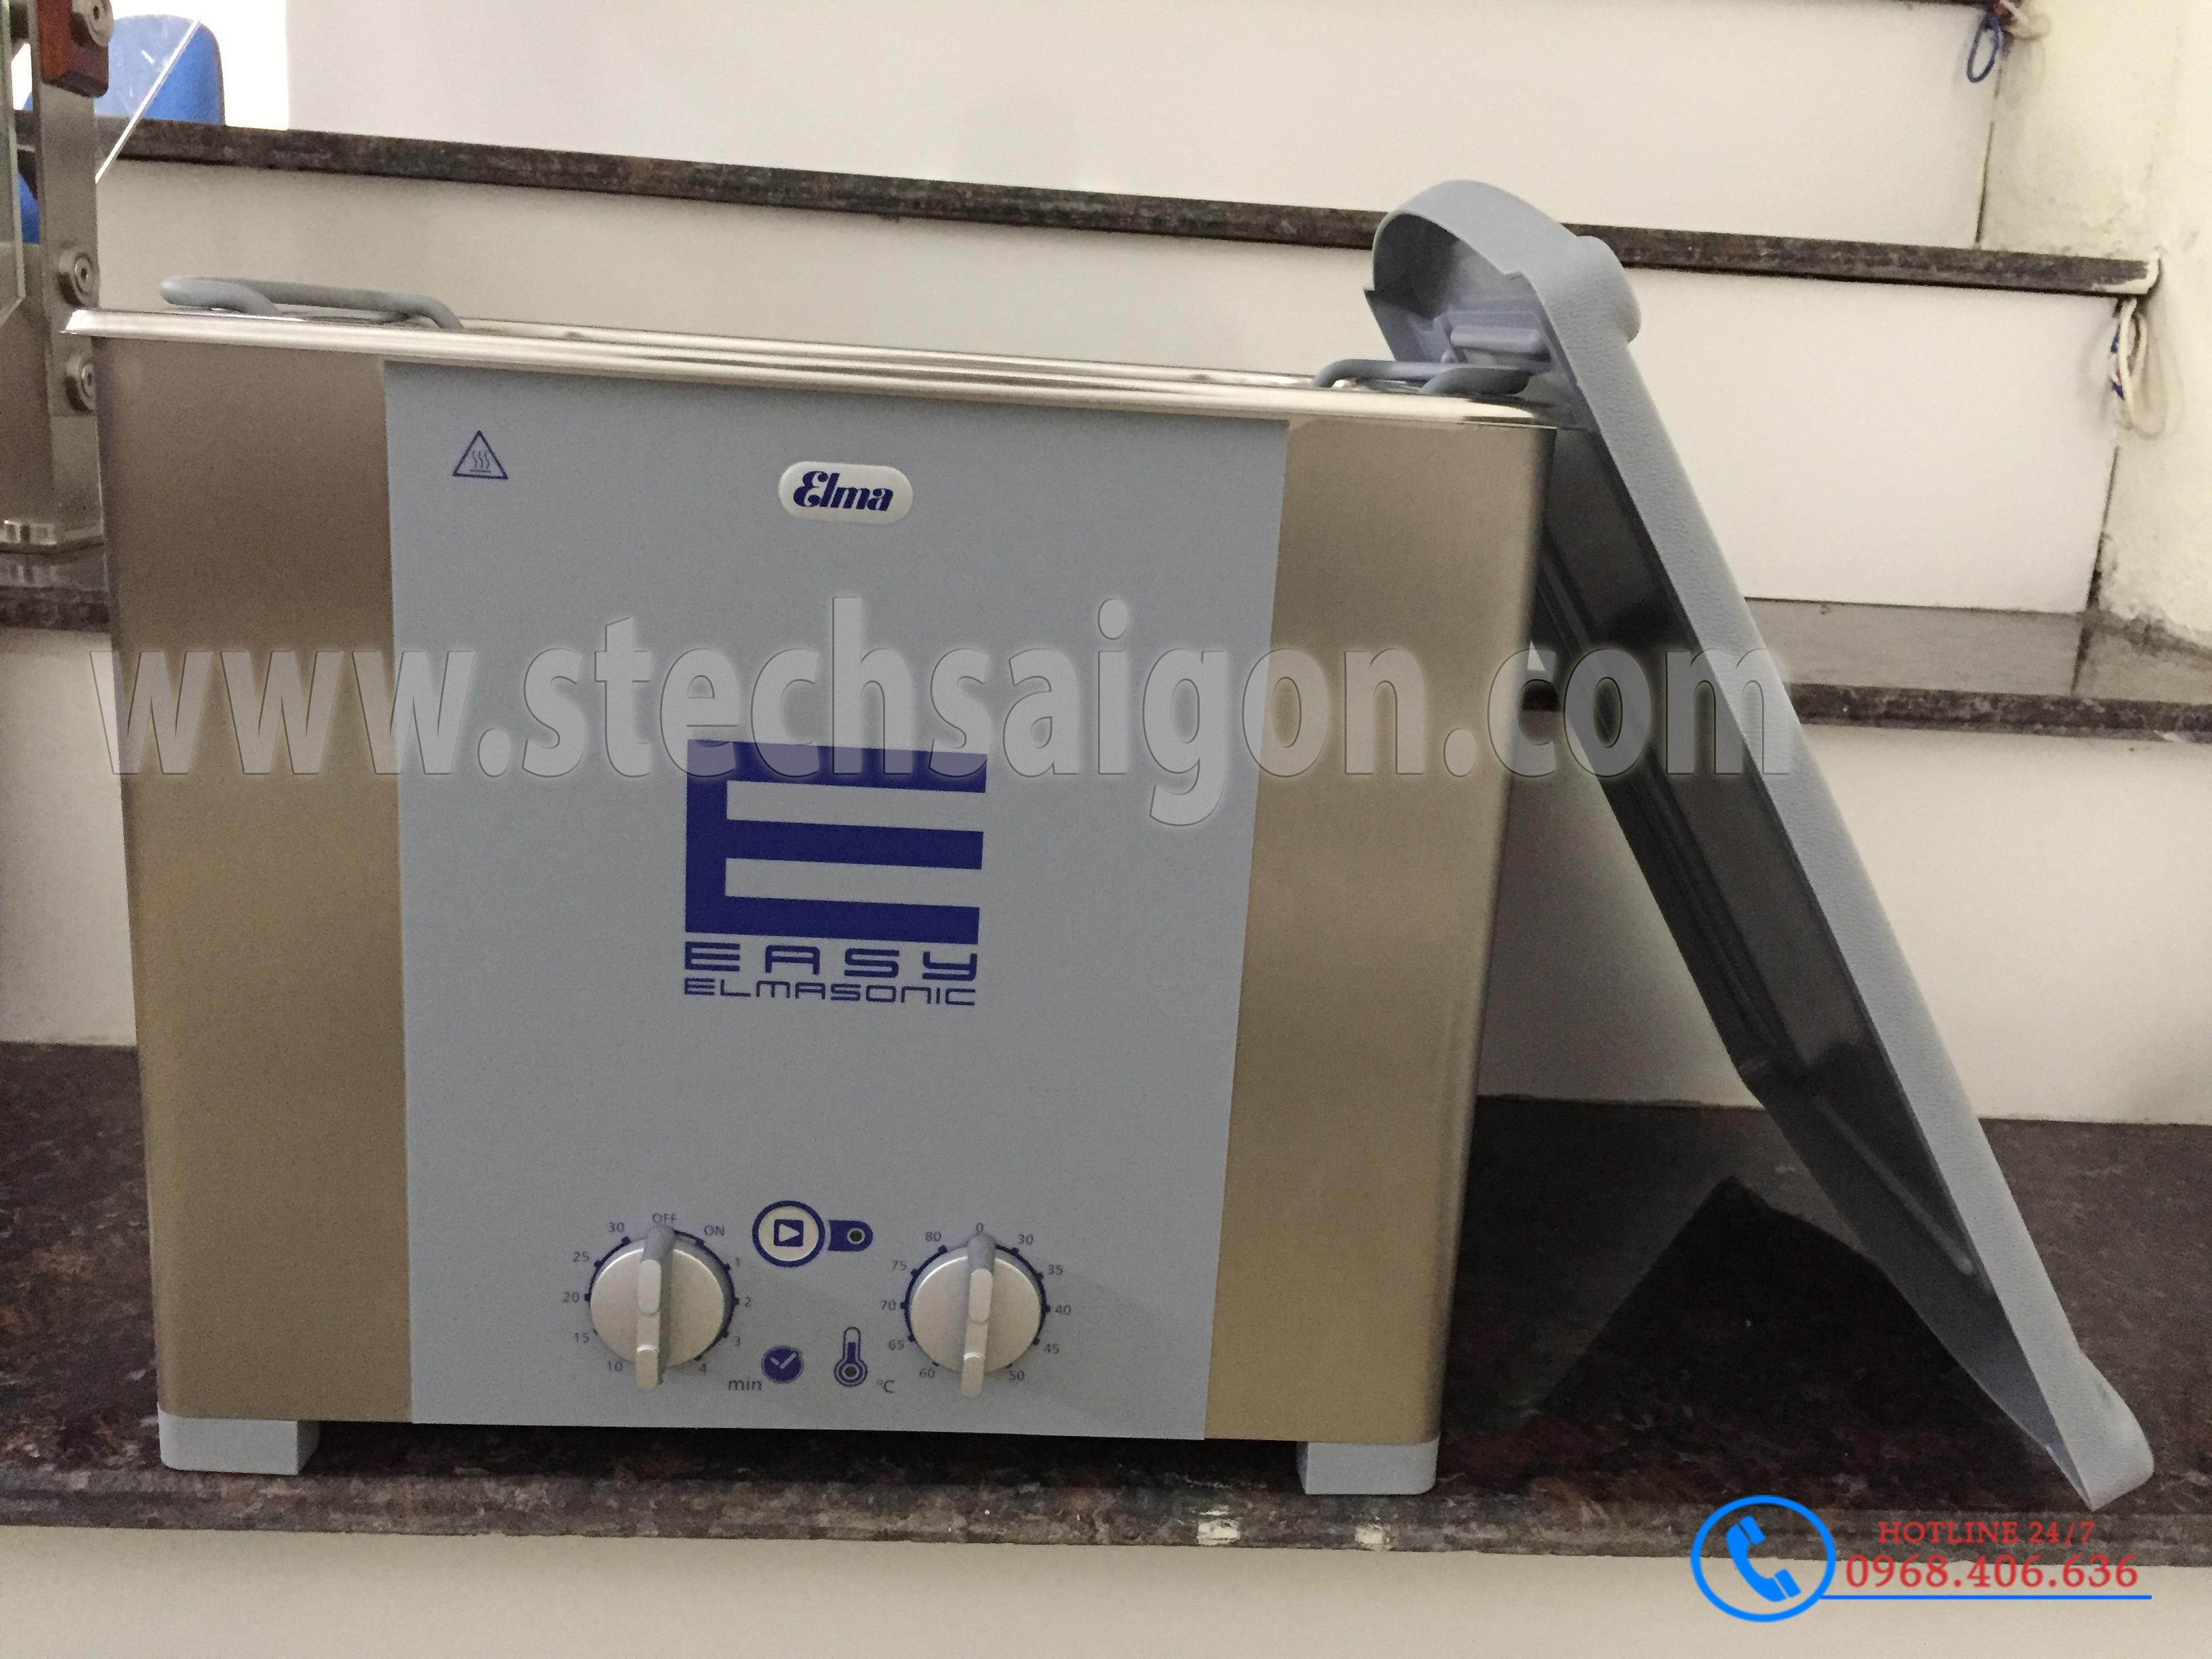 Hình ảnh Bể rửa siêu âm Elma™ Easy 40H - 4.25 lít - Có gia nhiệt cung cấp bởi Stech Sài Gòn. Sản phẩm có sẵn tại Hà Nội và Hồ Chí Minh